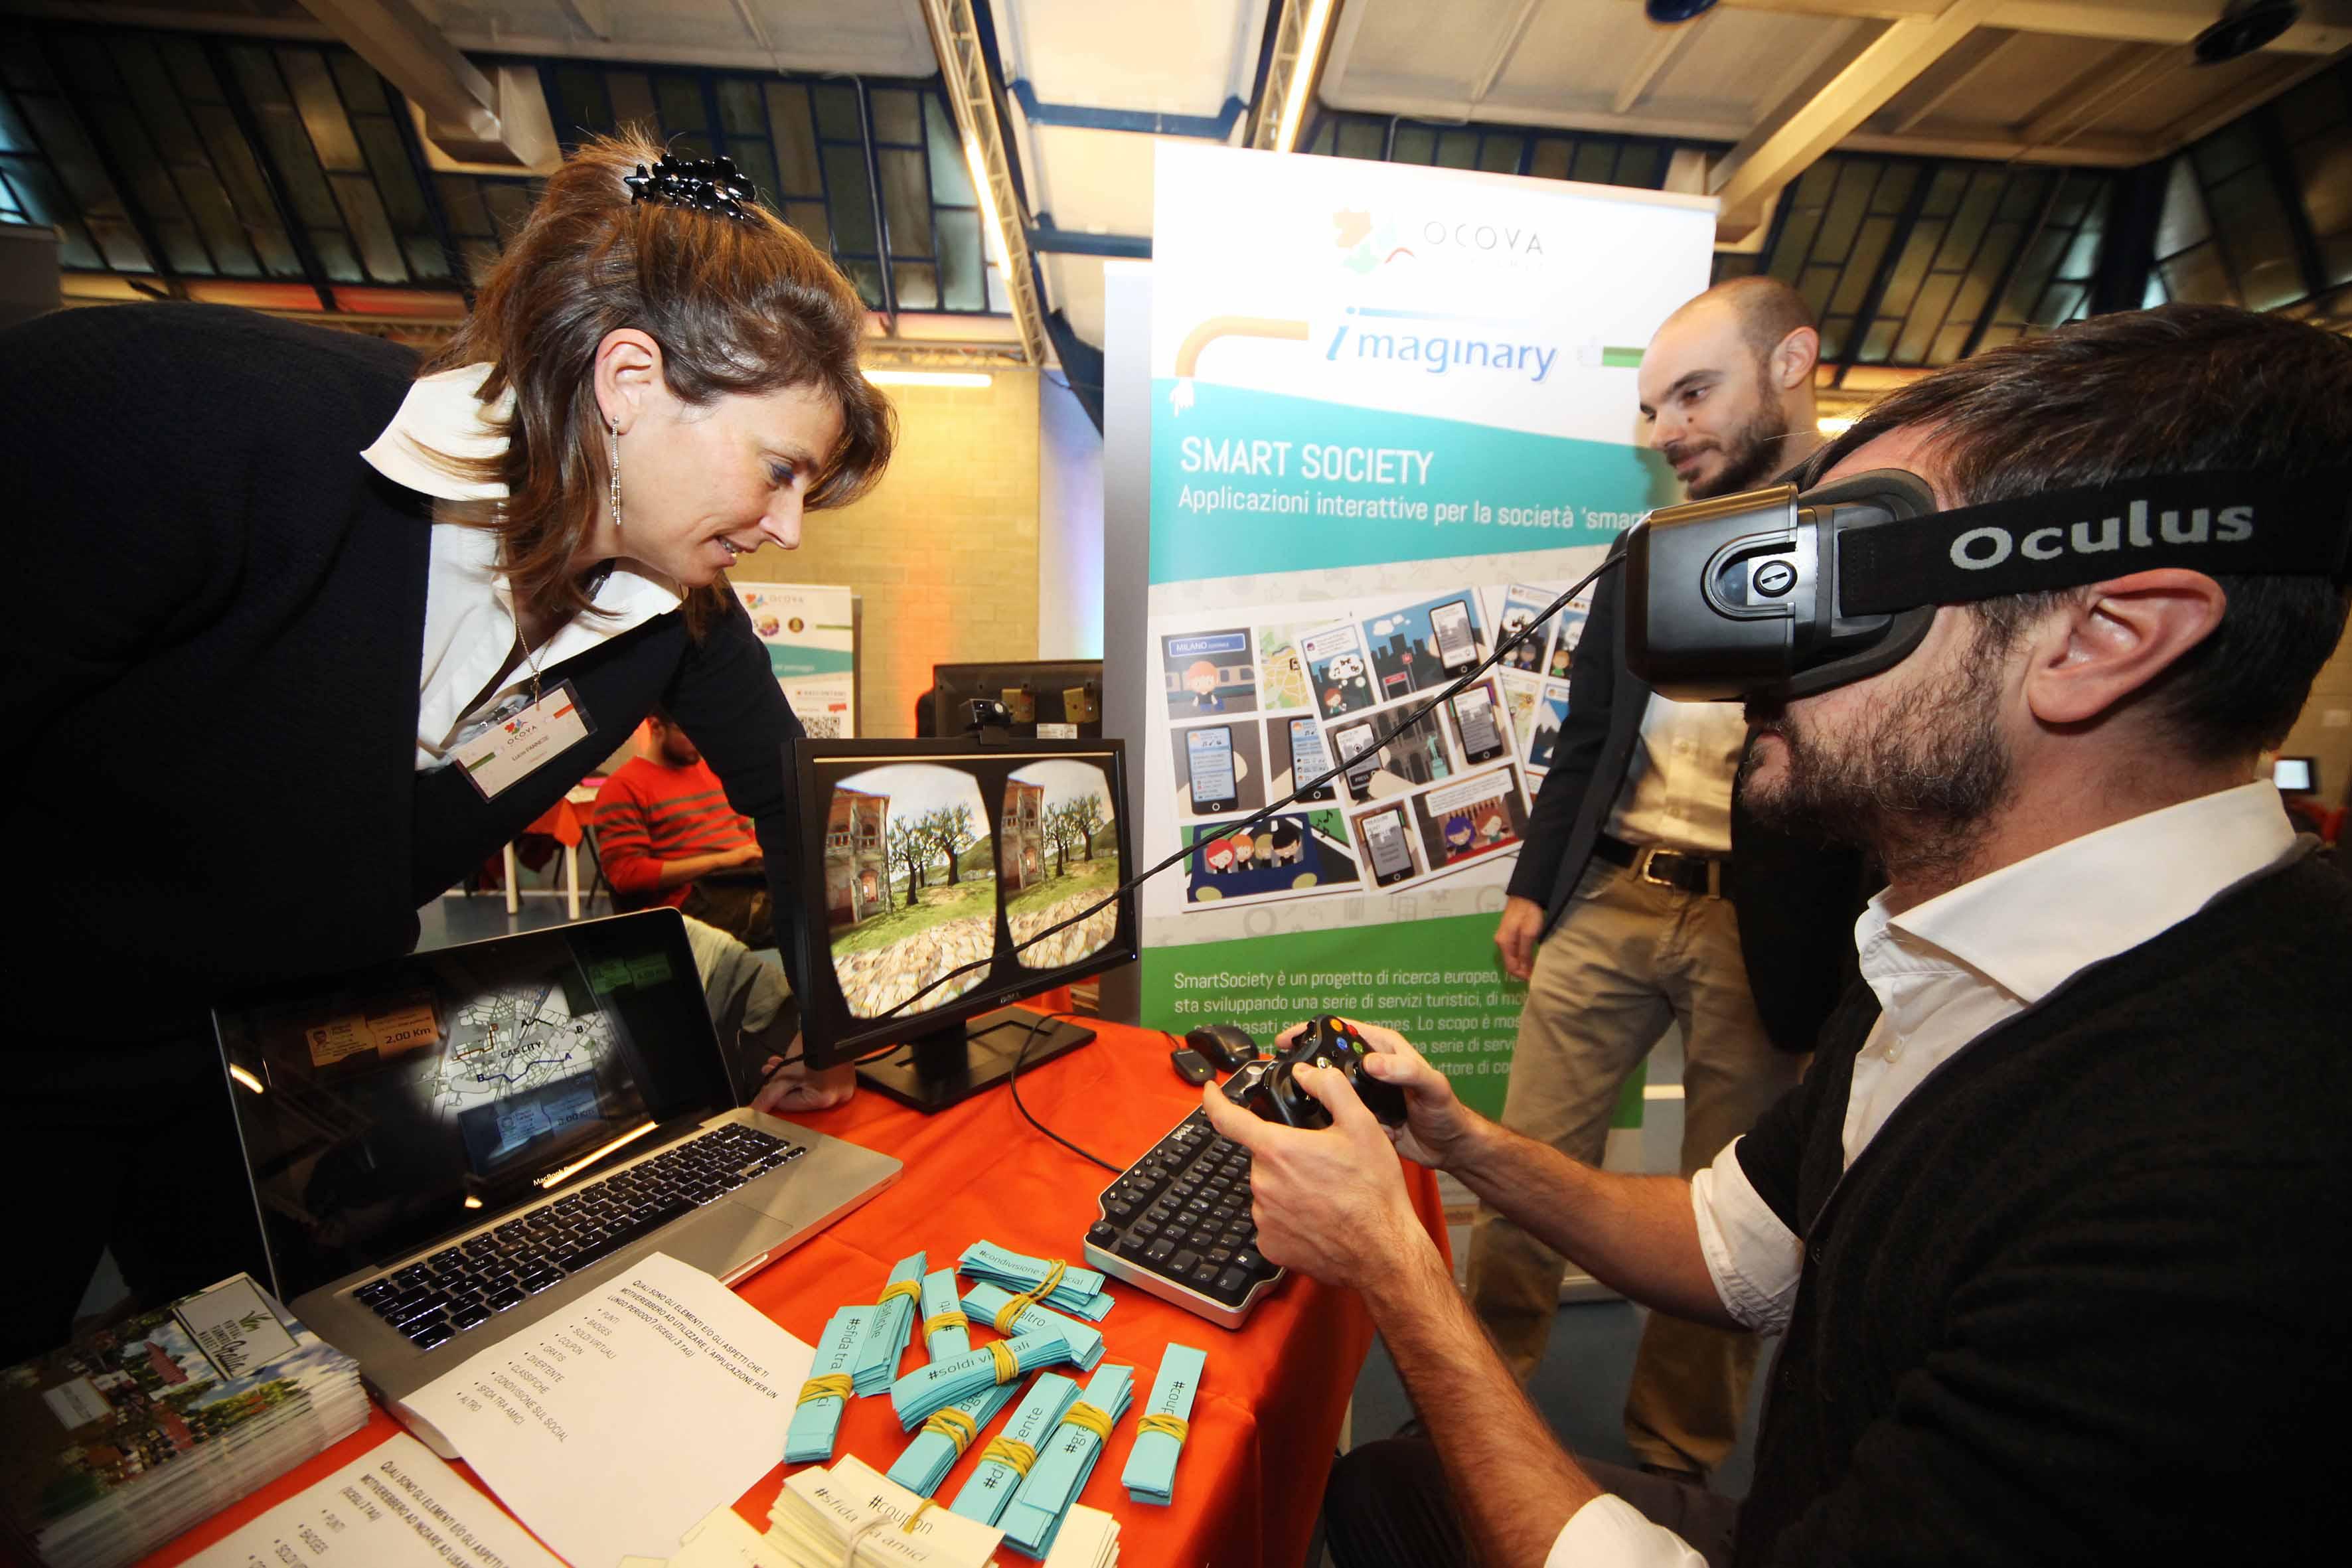 Ocova Expo: Smart Society